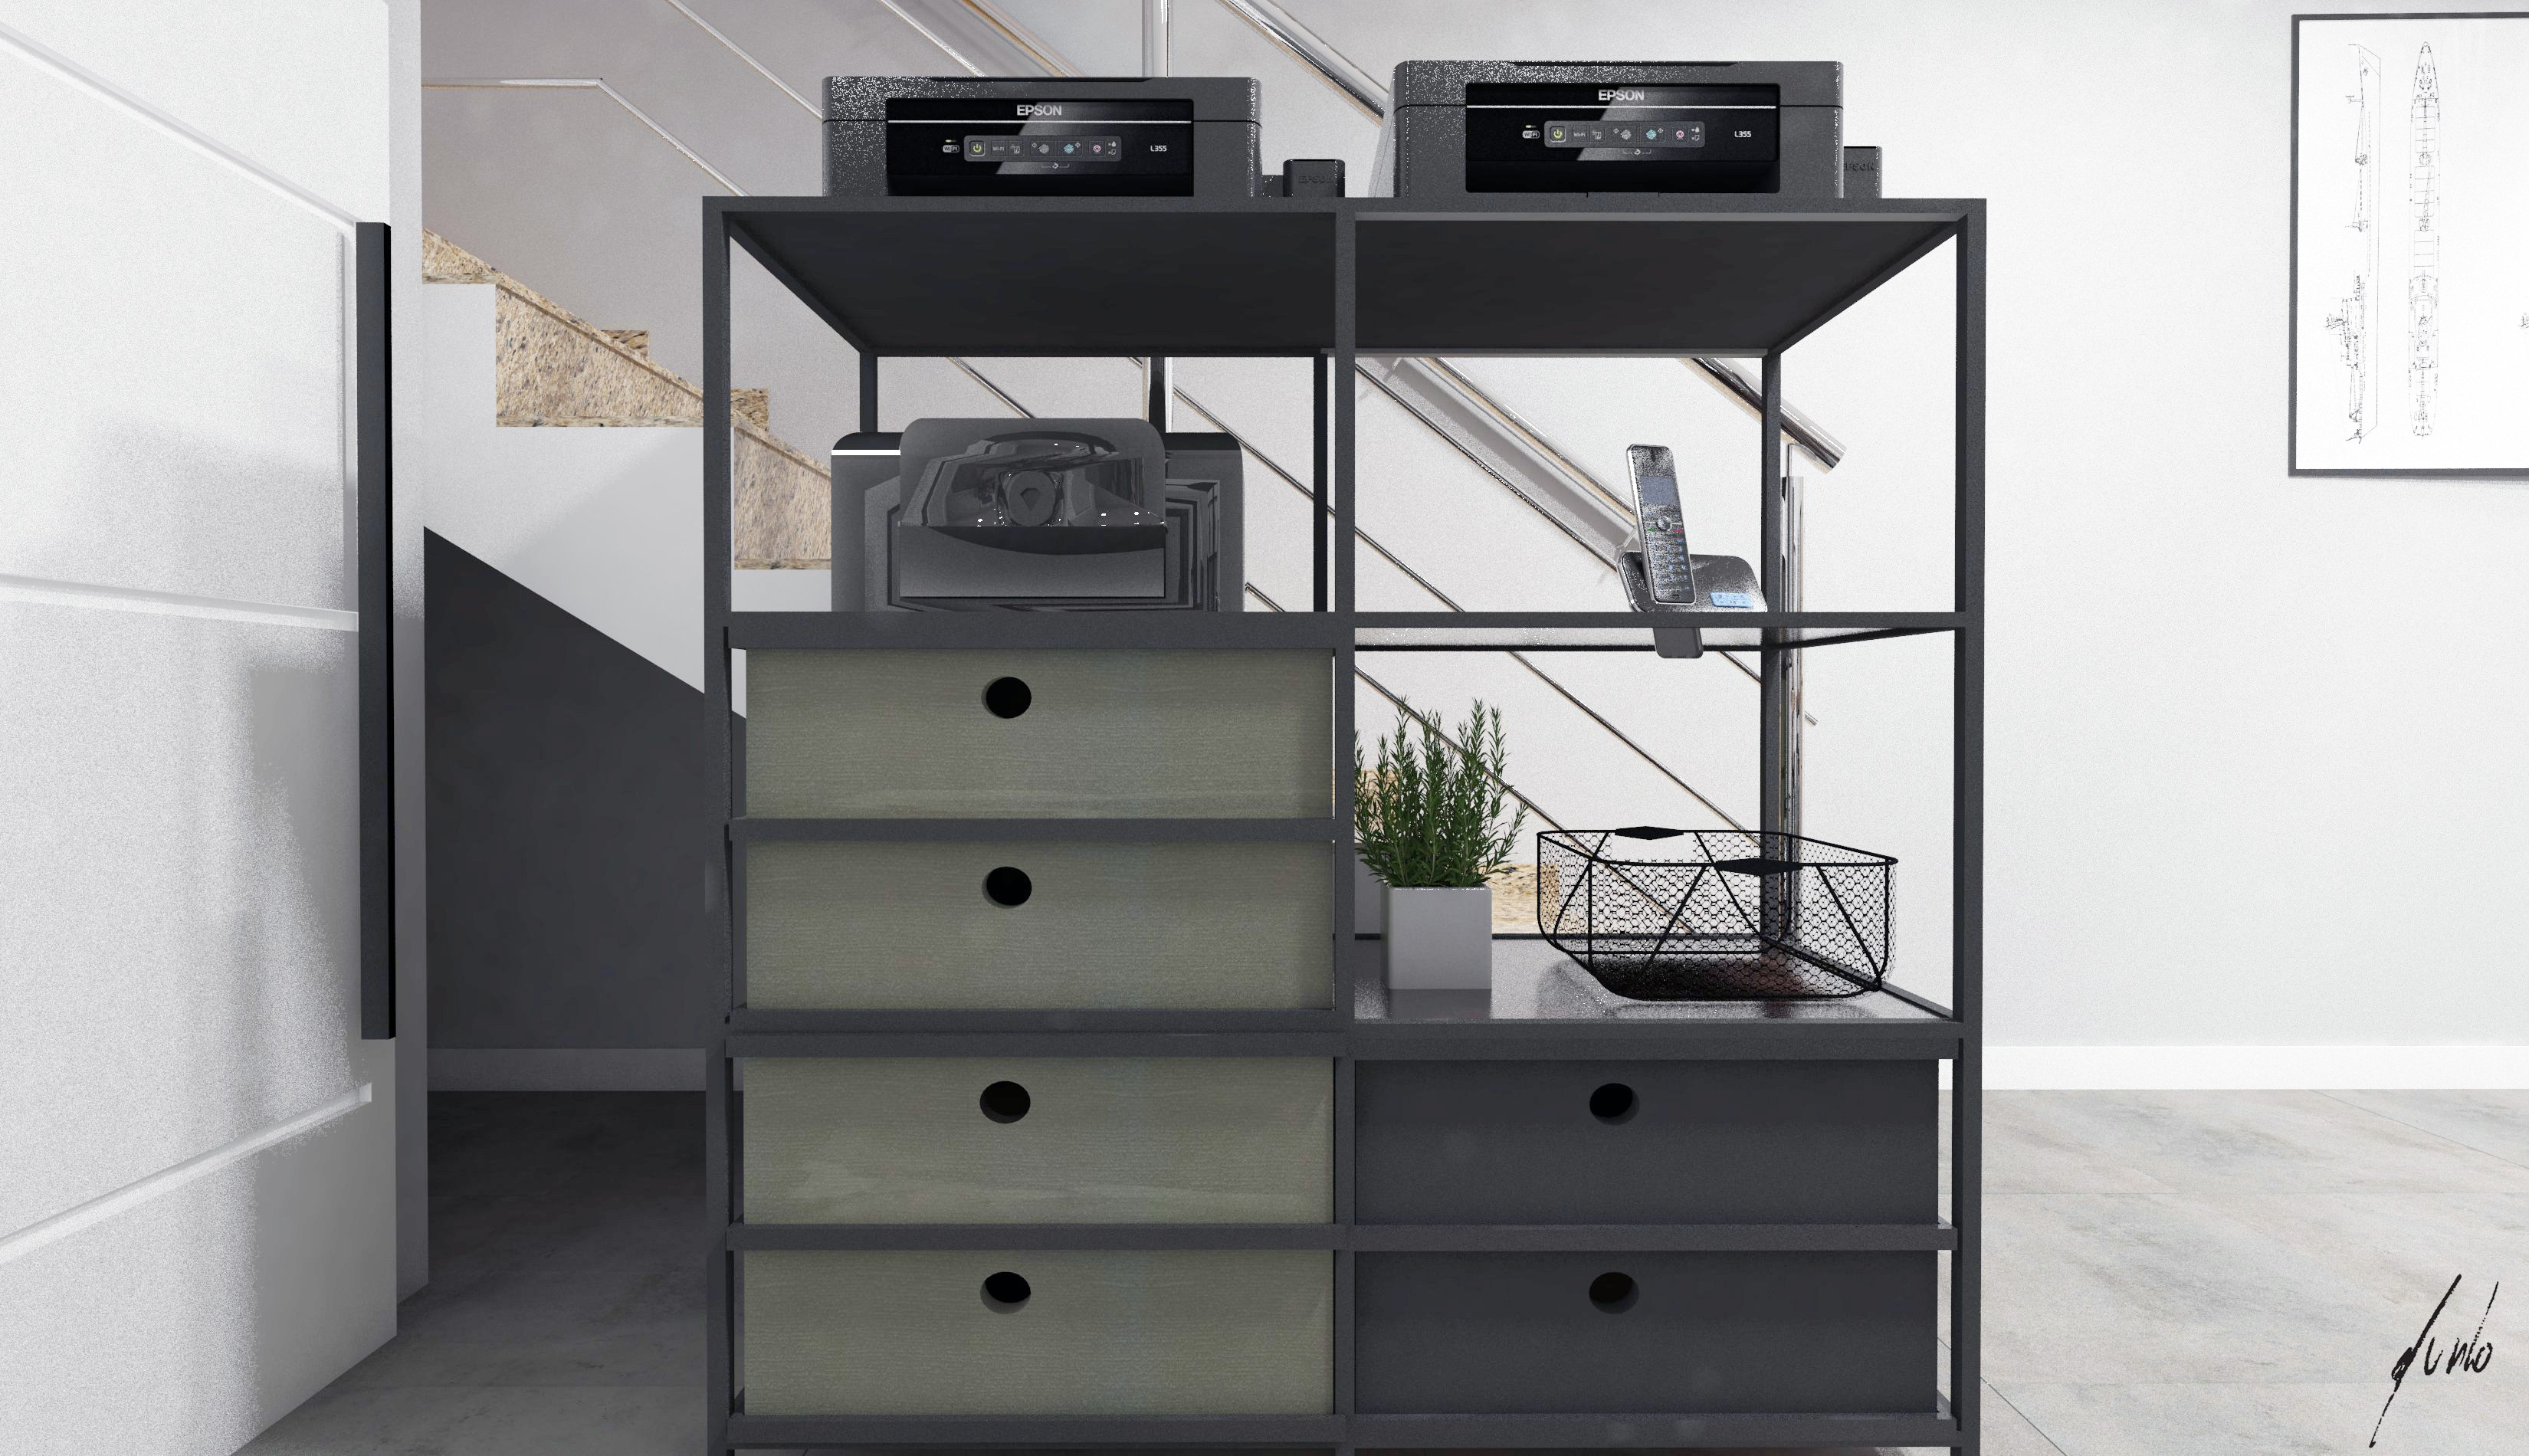 Projeto de design e decoracao para escritorio um escritorio muito moderno em paranagua - madeiras, ferro preto, plantas, cimento queimado, quadros - escritorios modernos 019